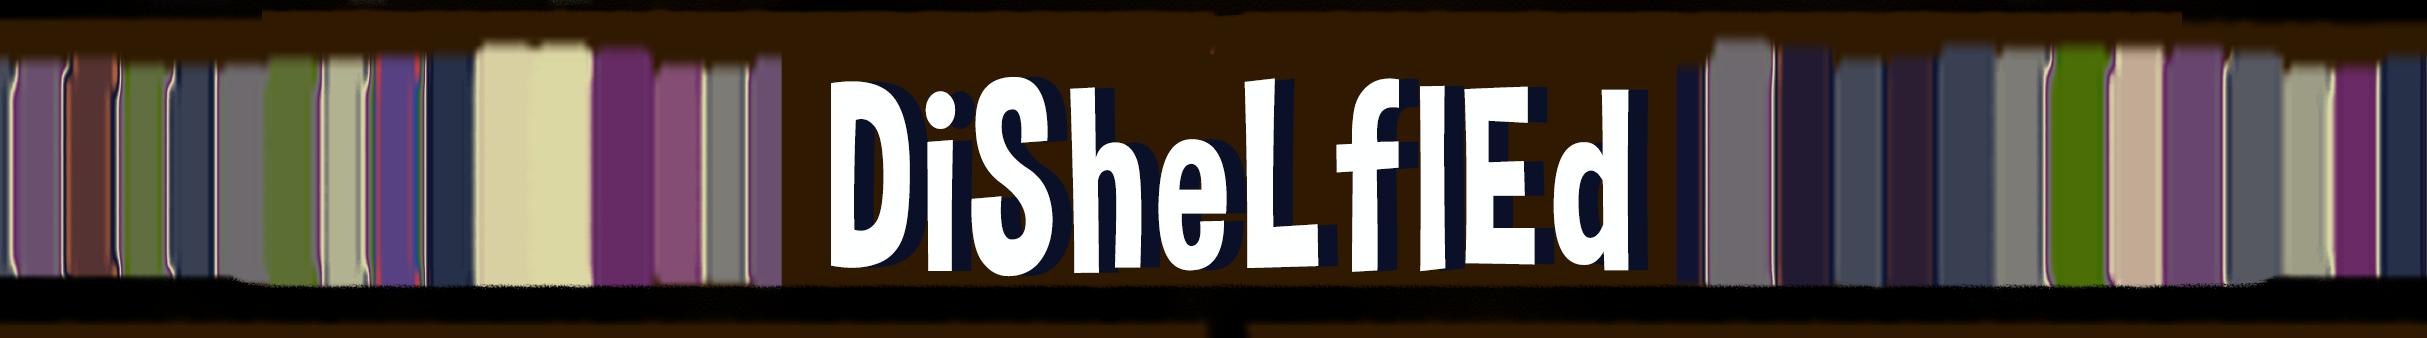 Dishelfled